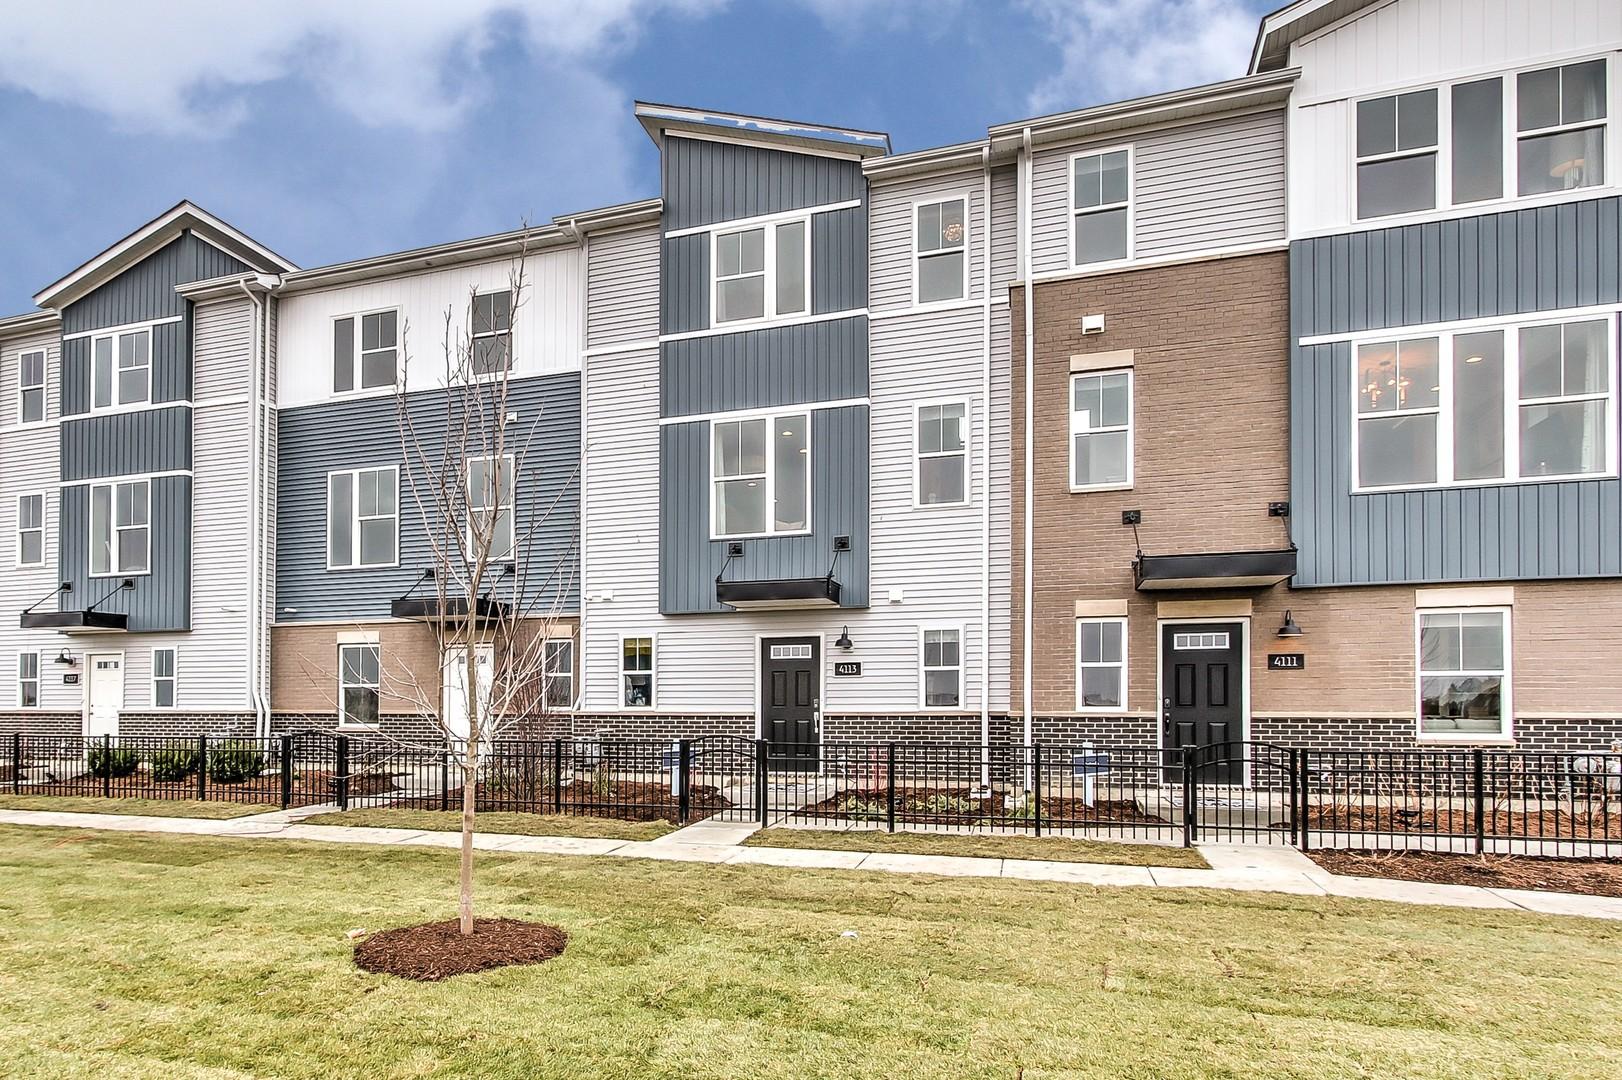 4189  Calder Lot #37.02,  Aurora, Illinois